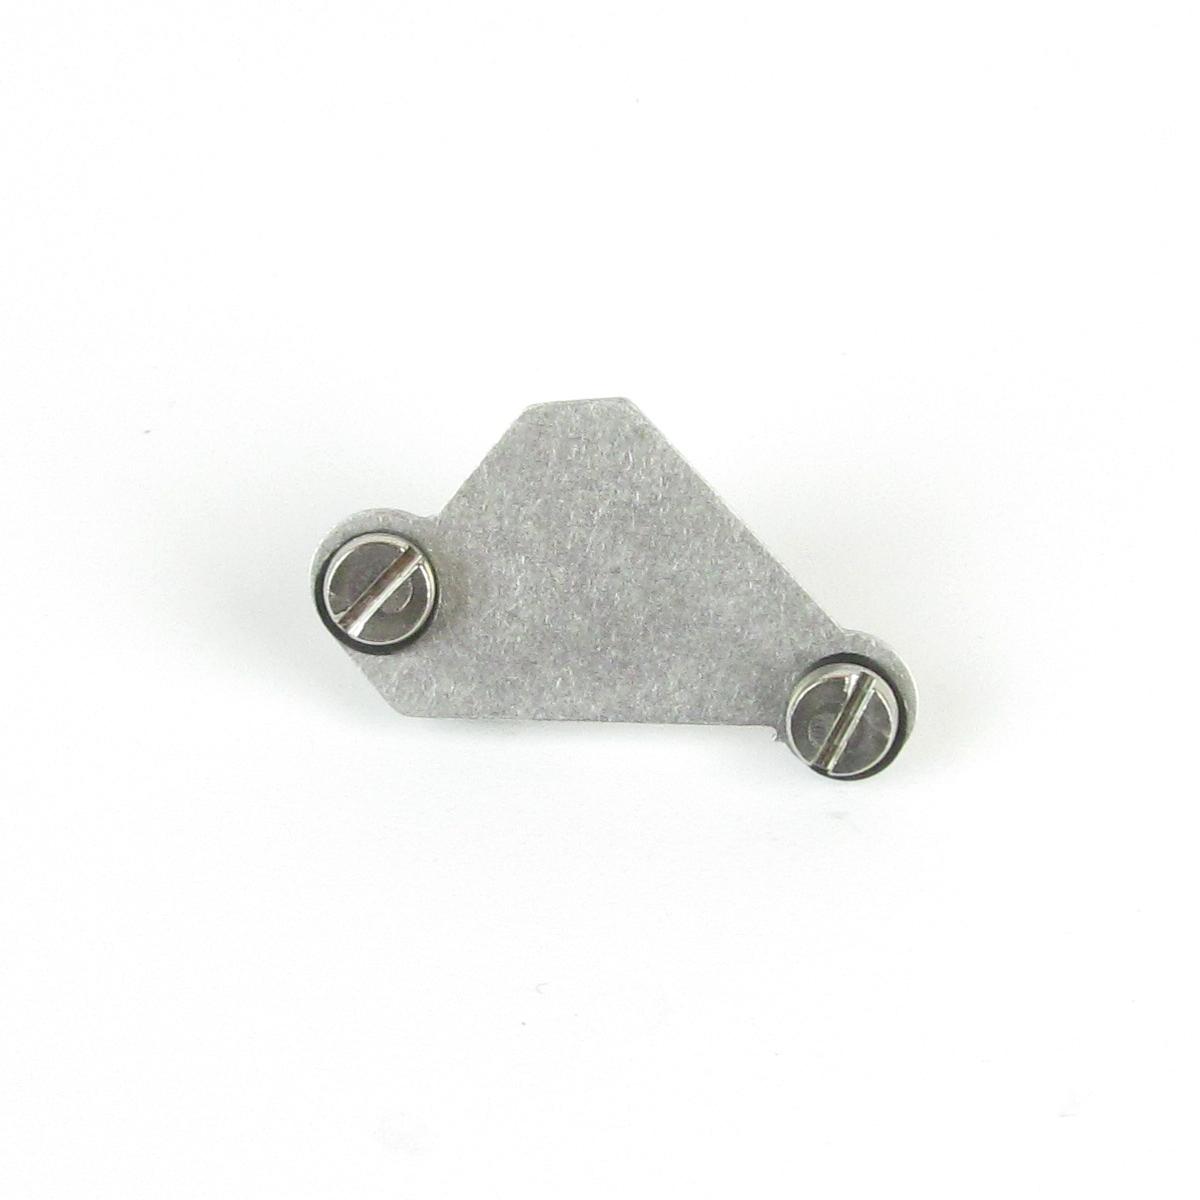 DELLORTO 36 / 40 / 45 / 48 DRLA双层汽车空调板组件/套件